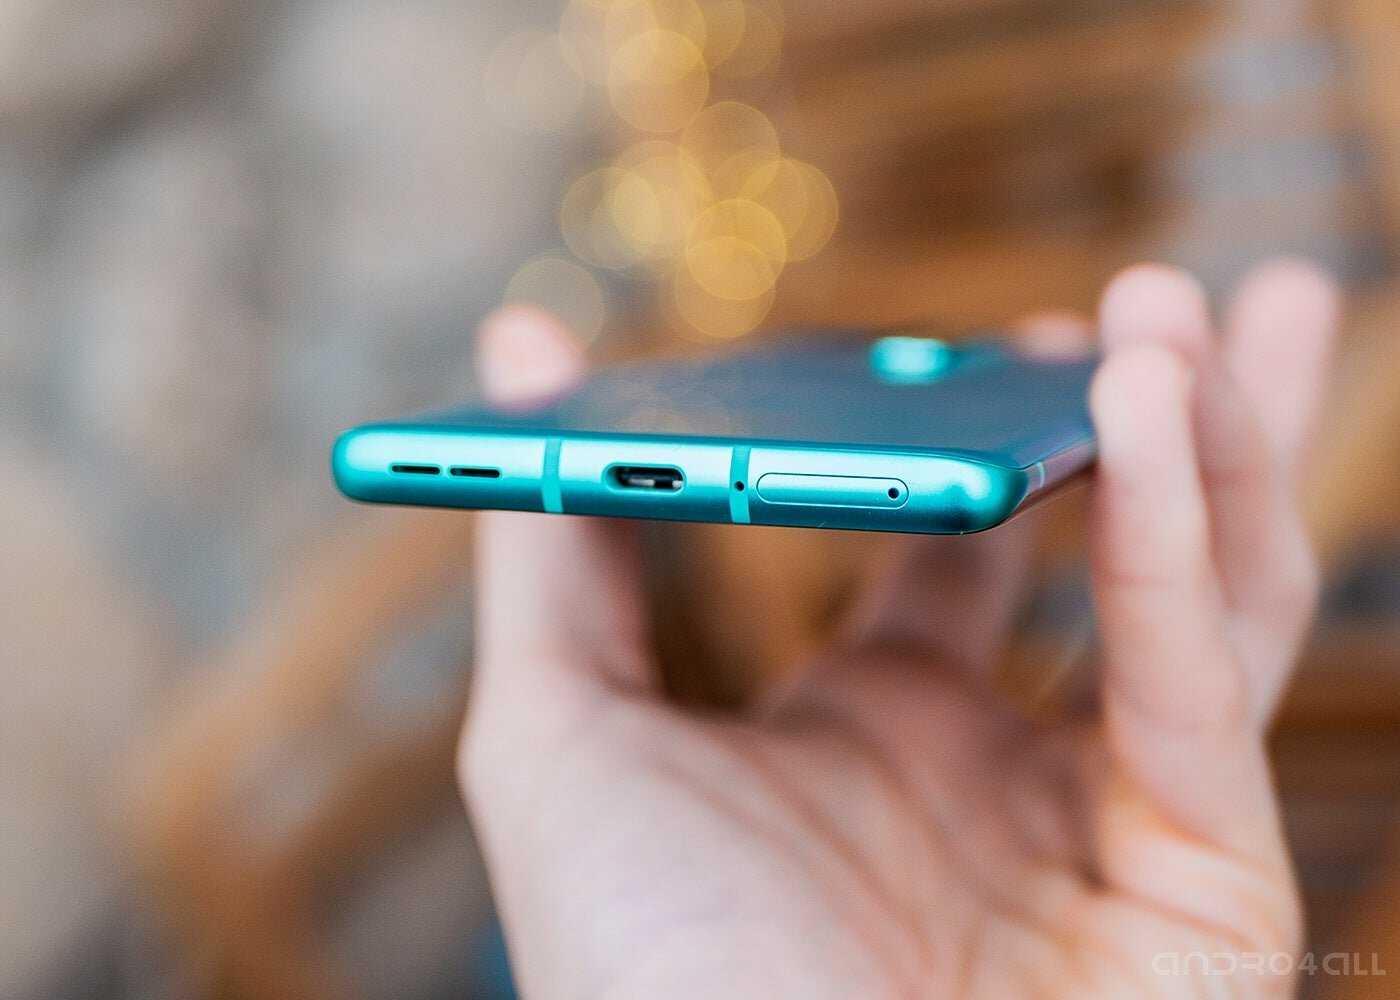 OnePlus 8 Pro bas: haut-parleur